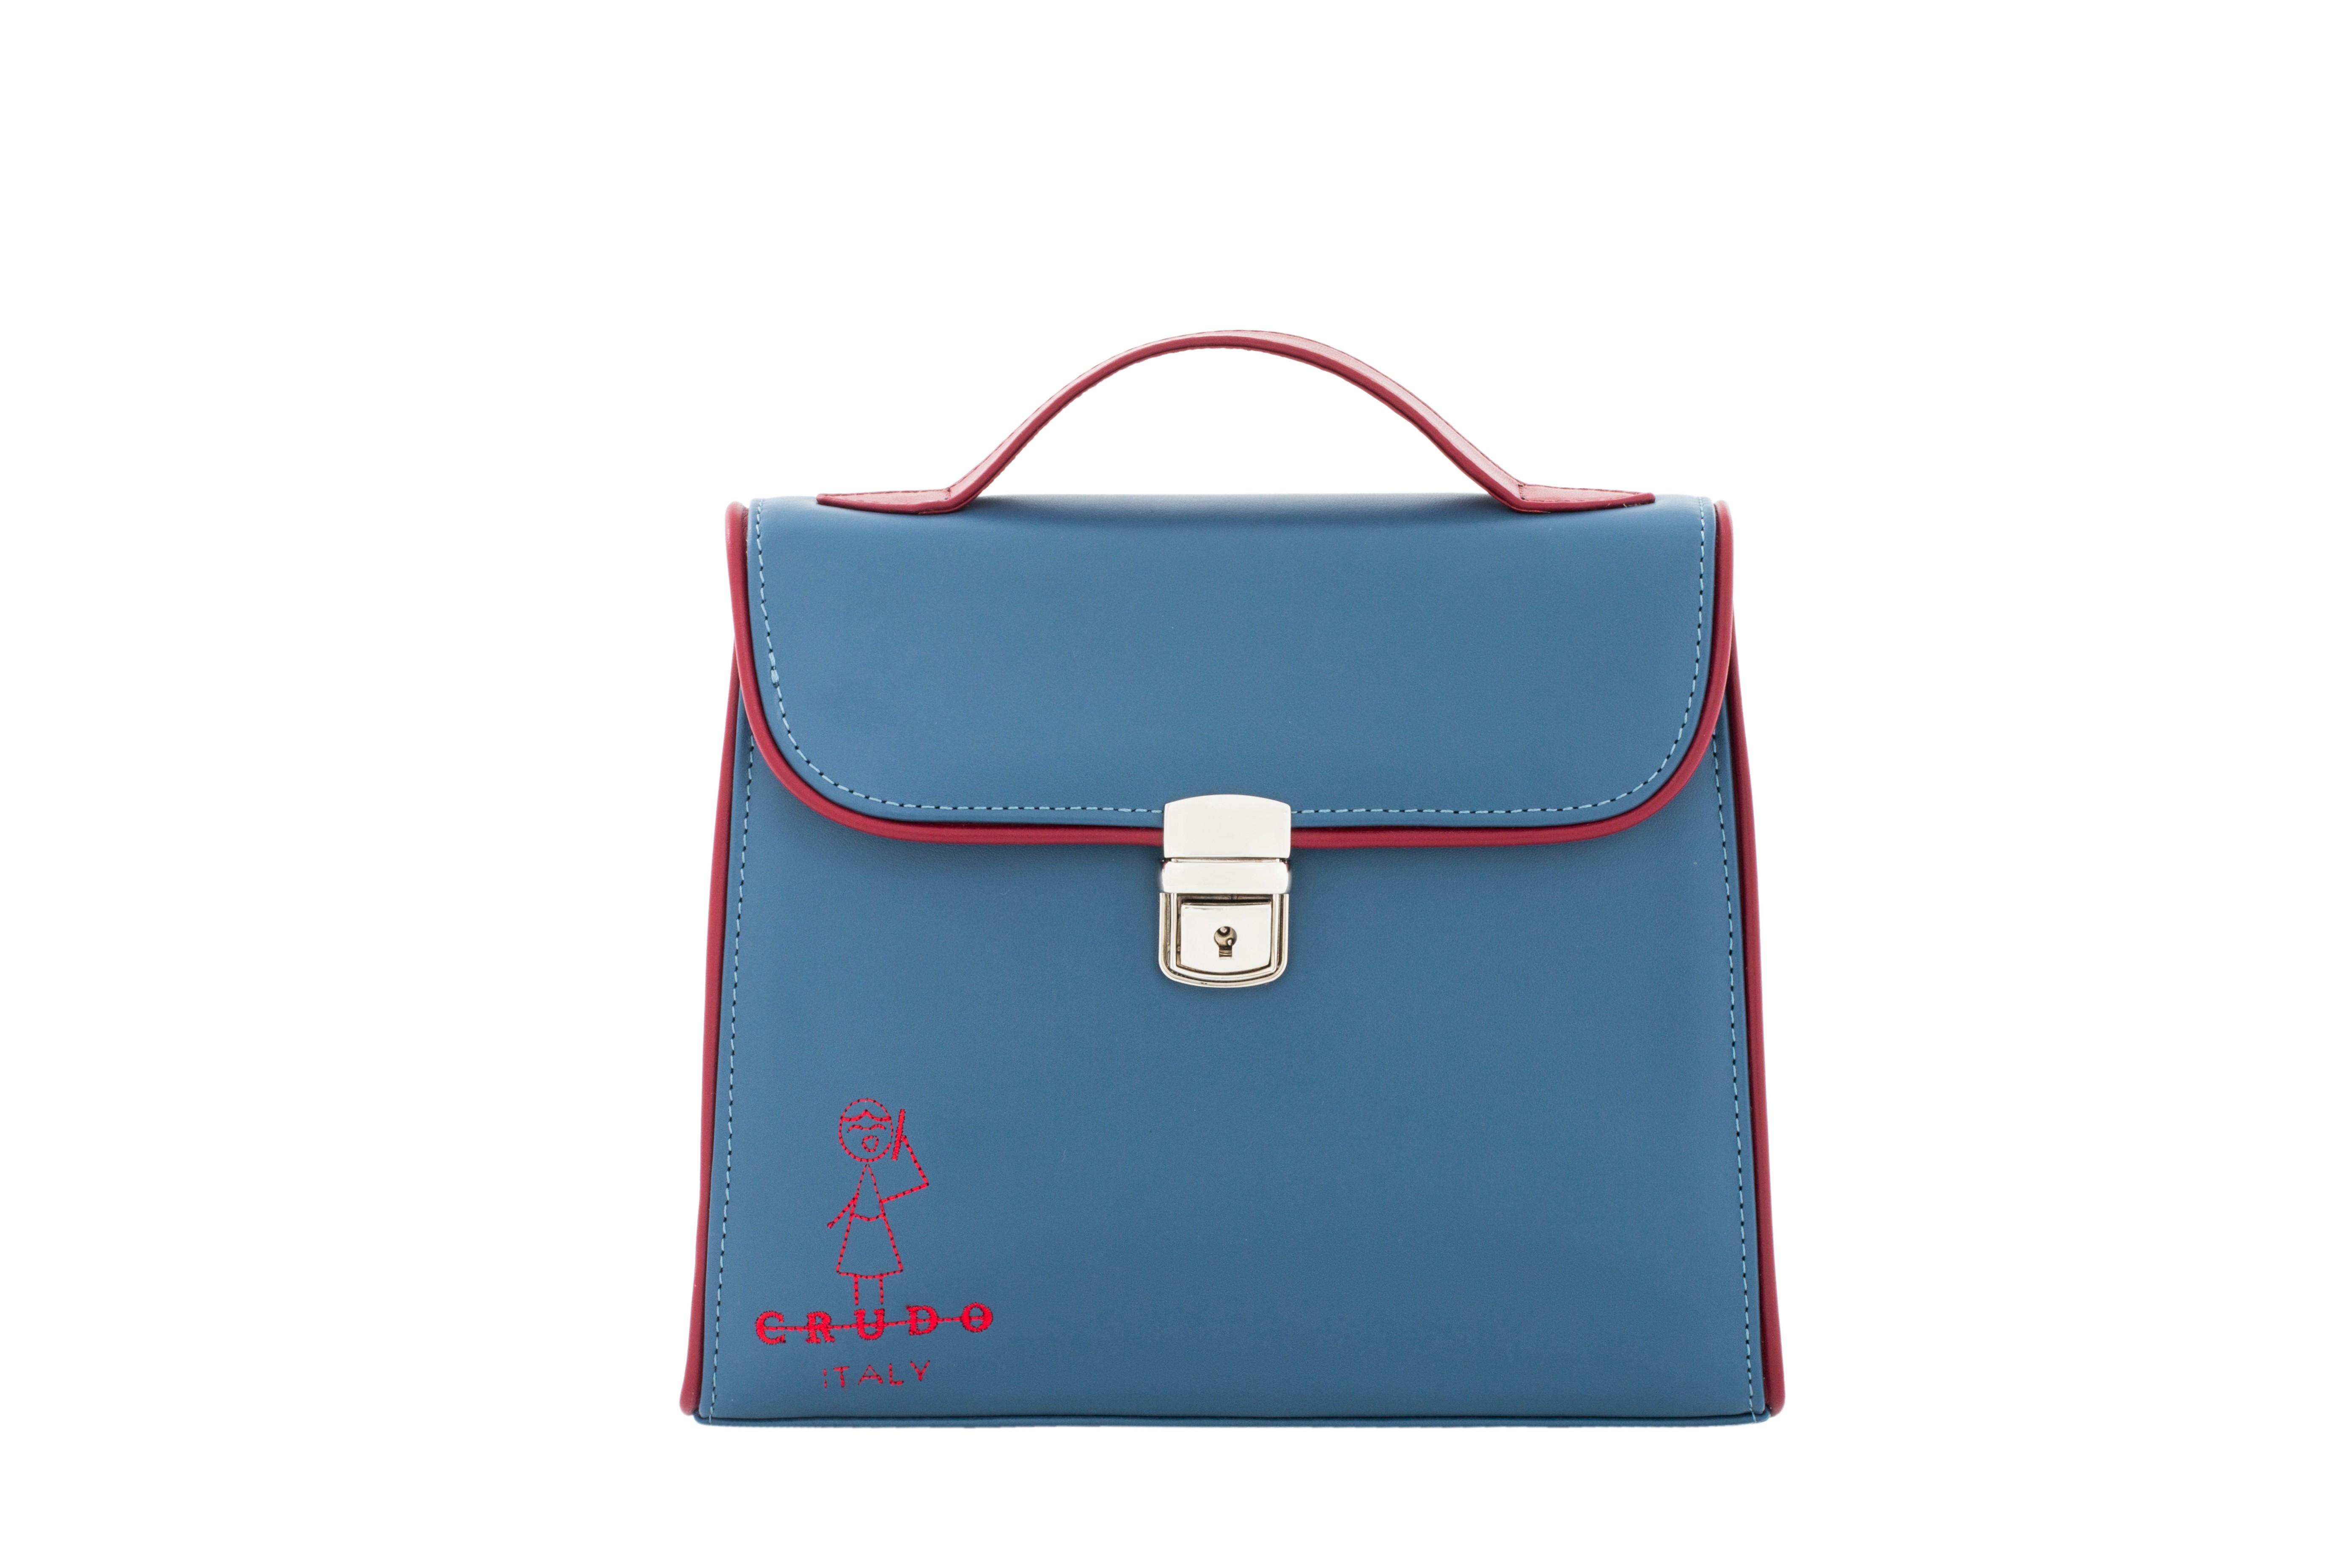 Mini Bag Bambolina, in Pelle di Vitello Jeans